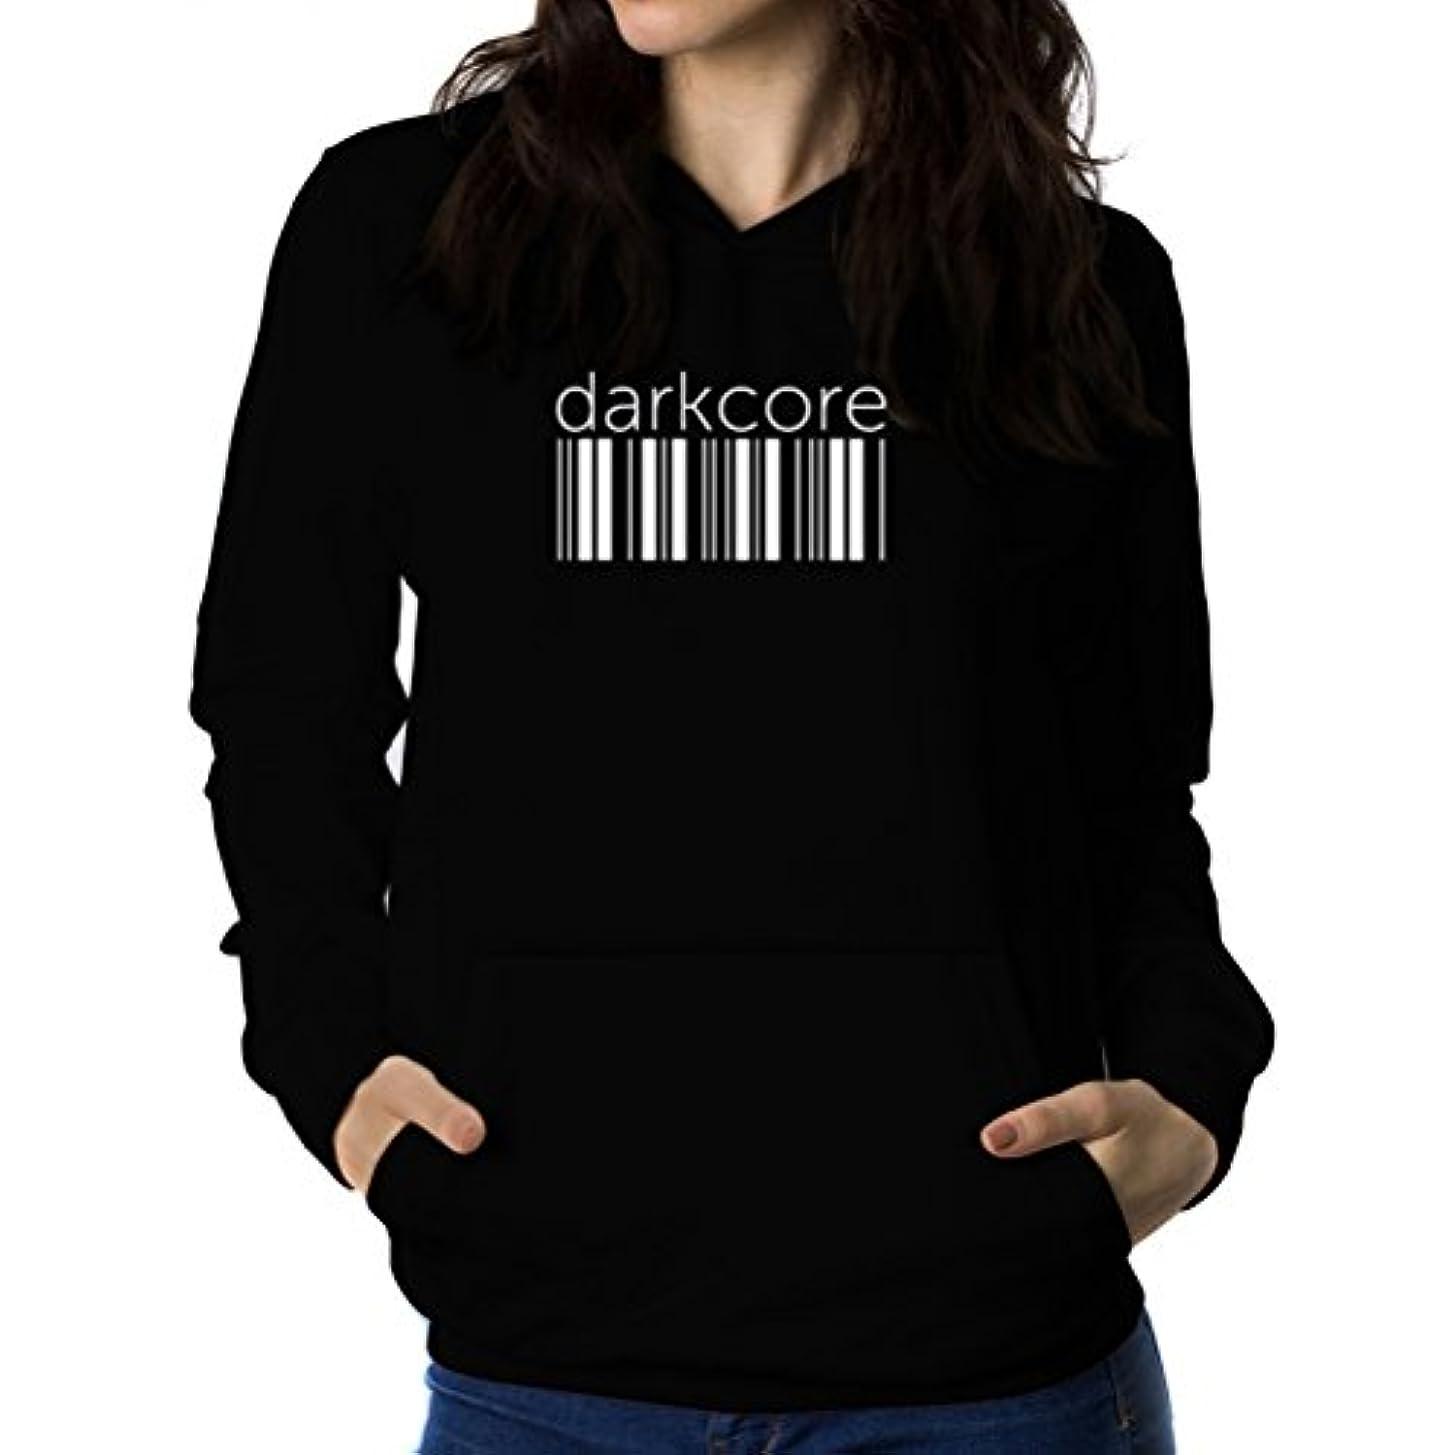 業界ビリー勇気のあるDarkcore barcode 女性 フーディー